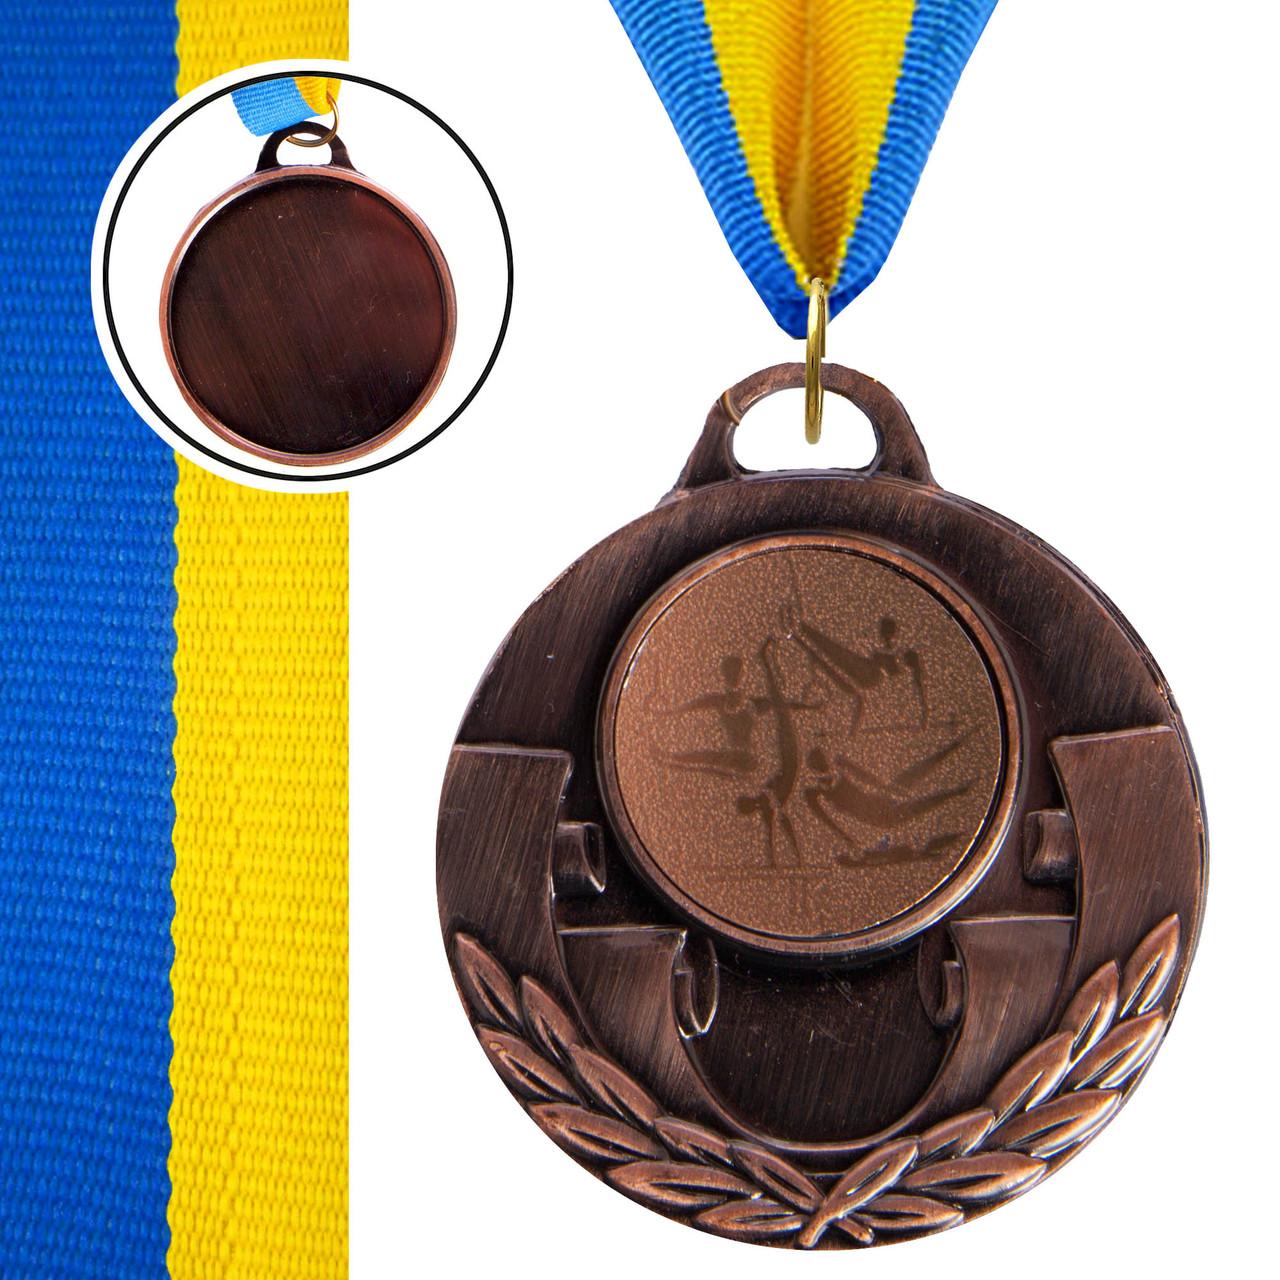 Медаль спортивная с лентой AIM d-5см Спорт.гимнаст. (металл, 25g, 1-золото, 2-серебро, 3-бронза) Бронзовый PZ-C-4846-0075_1